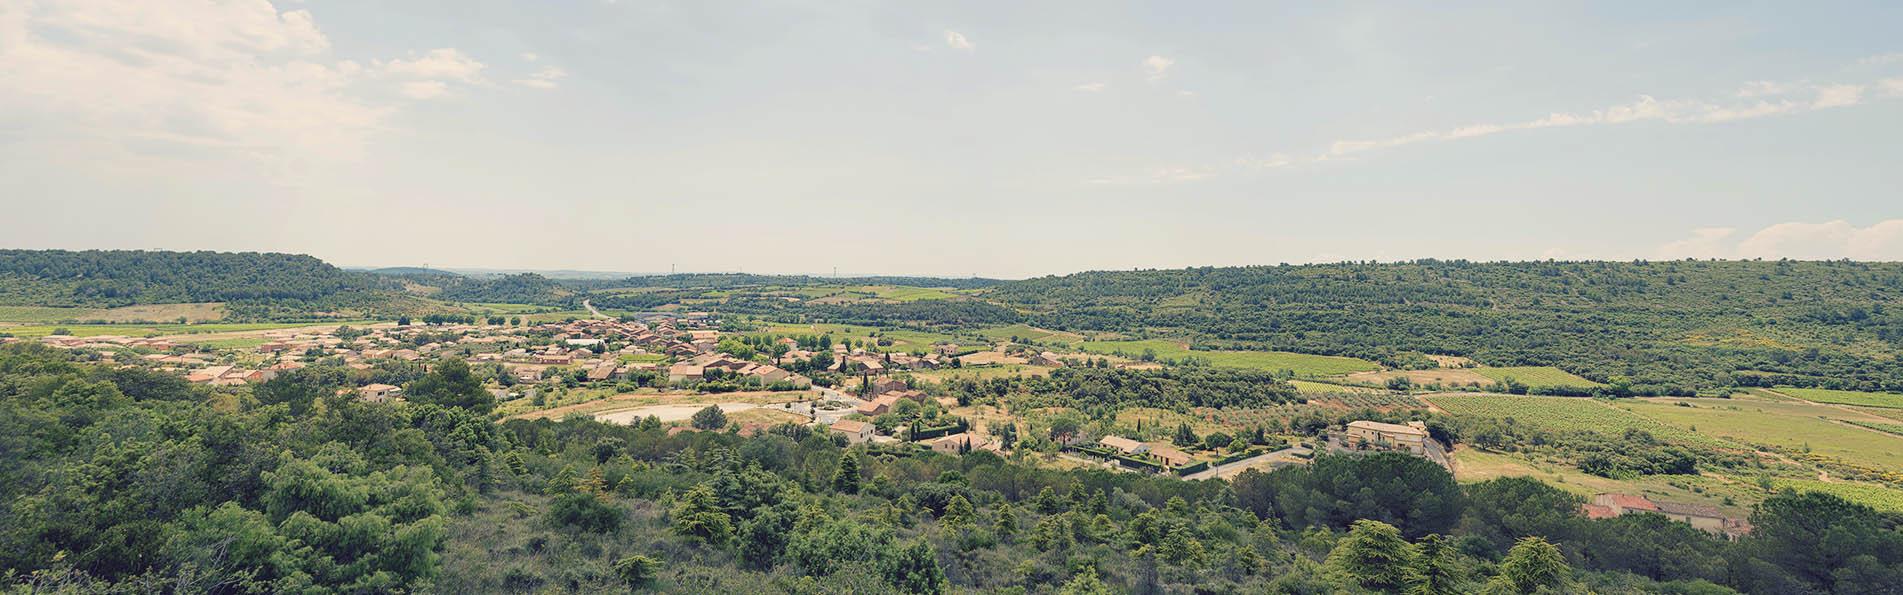 panorama-inovagora